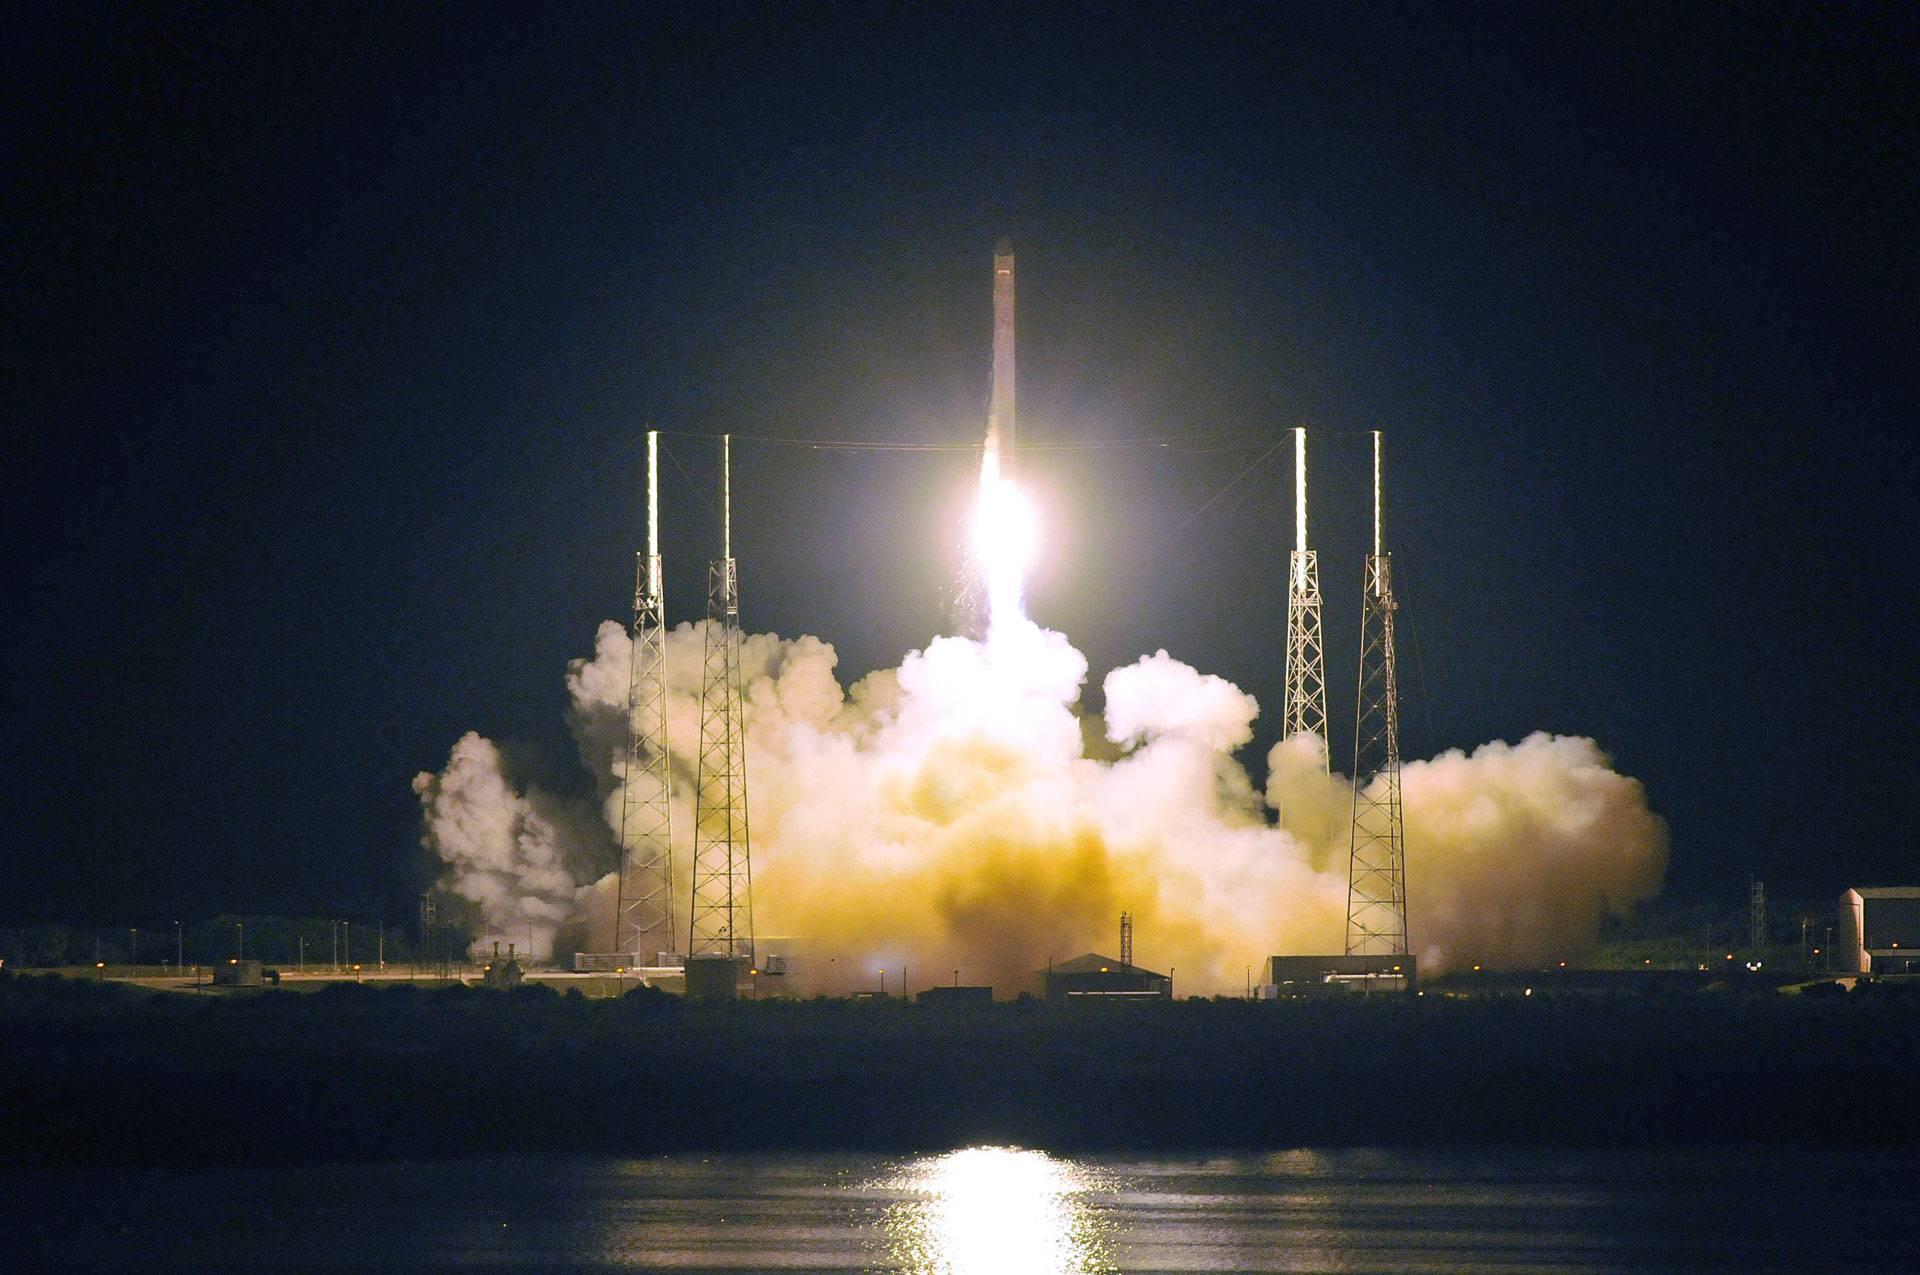 Un cohete de prueba de SpaceX se incendia por completo luego de probar un motor